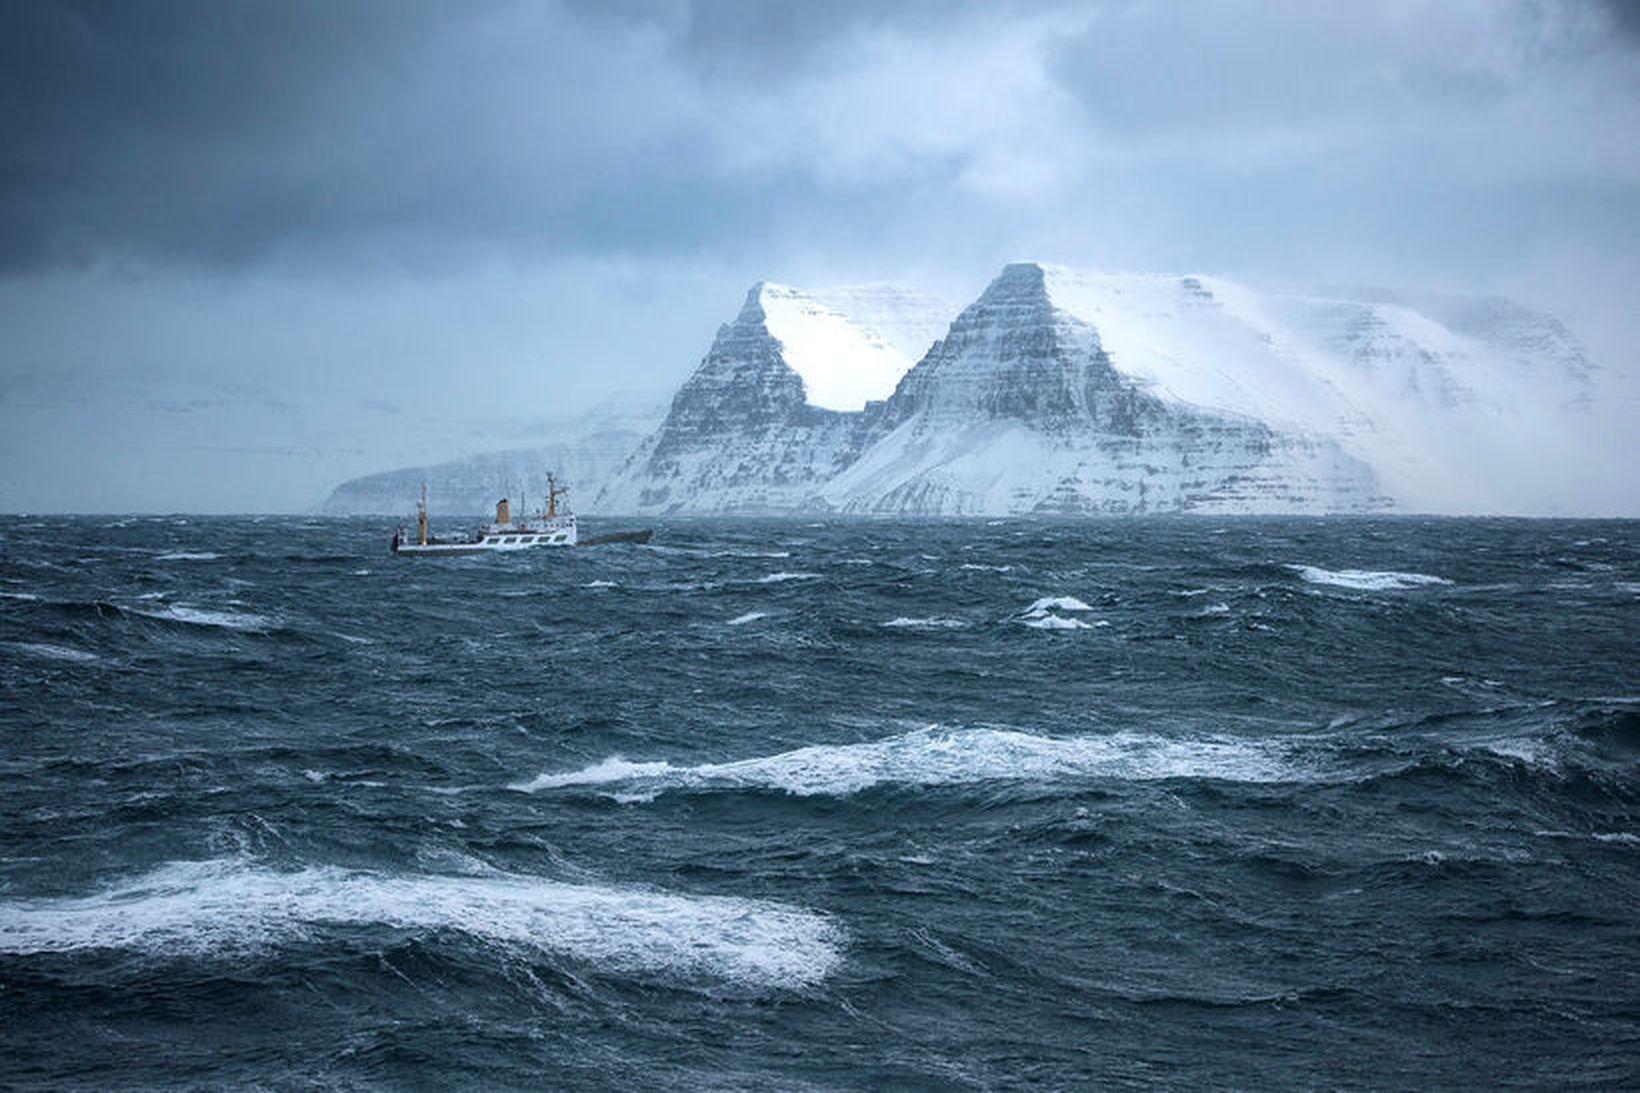 Hafrannsóknaskipið Bjarni Sæmundsson siglir í var á Ísafjarðardjúpi. Mynd úr …